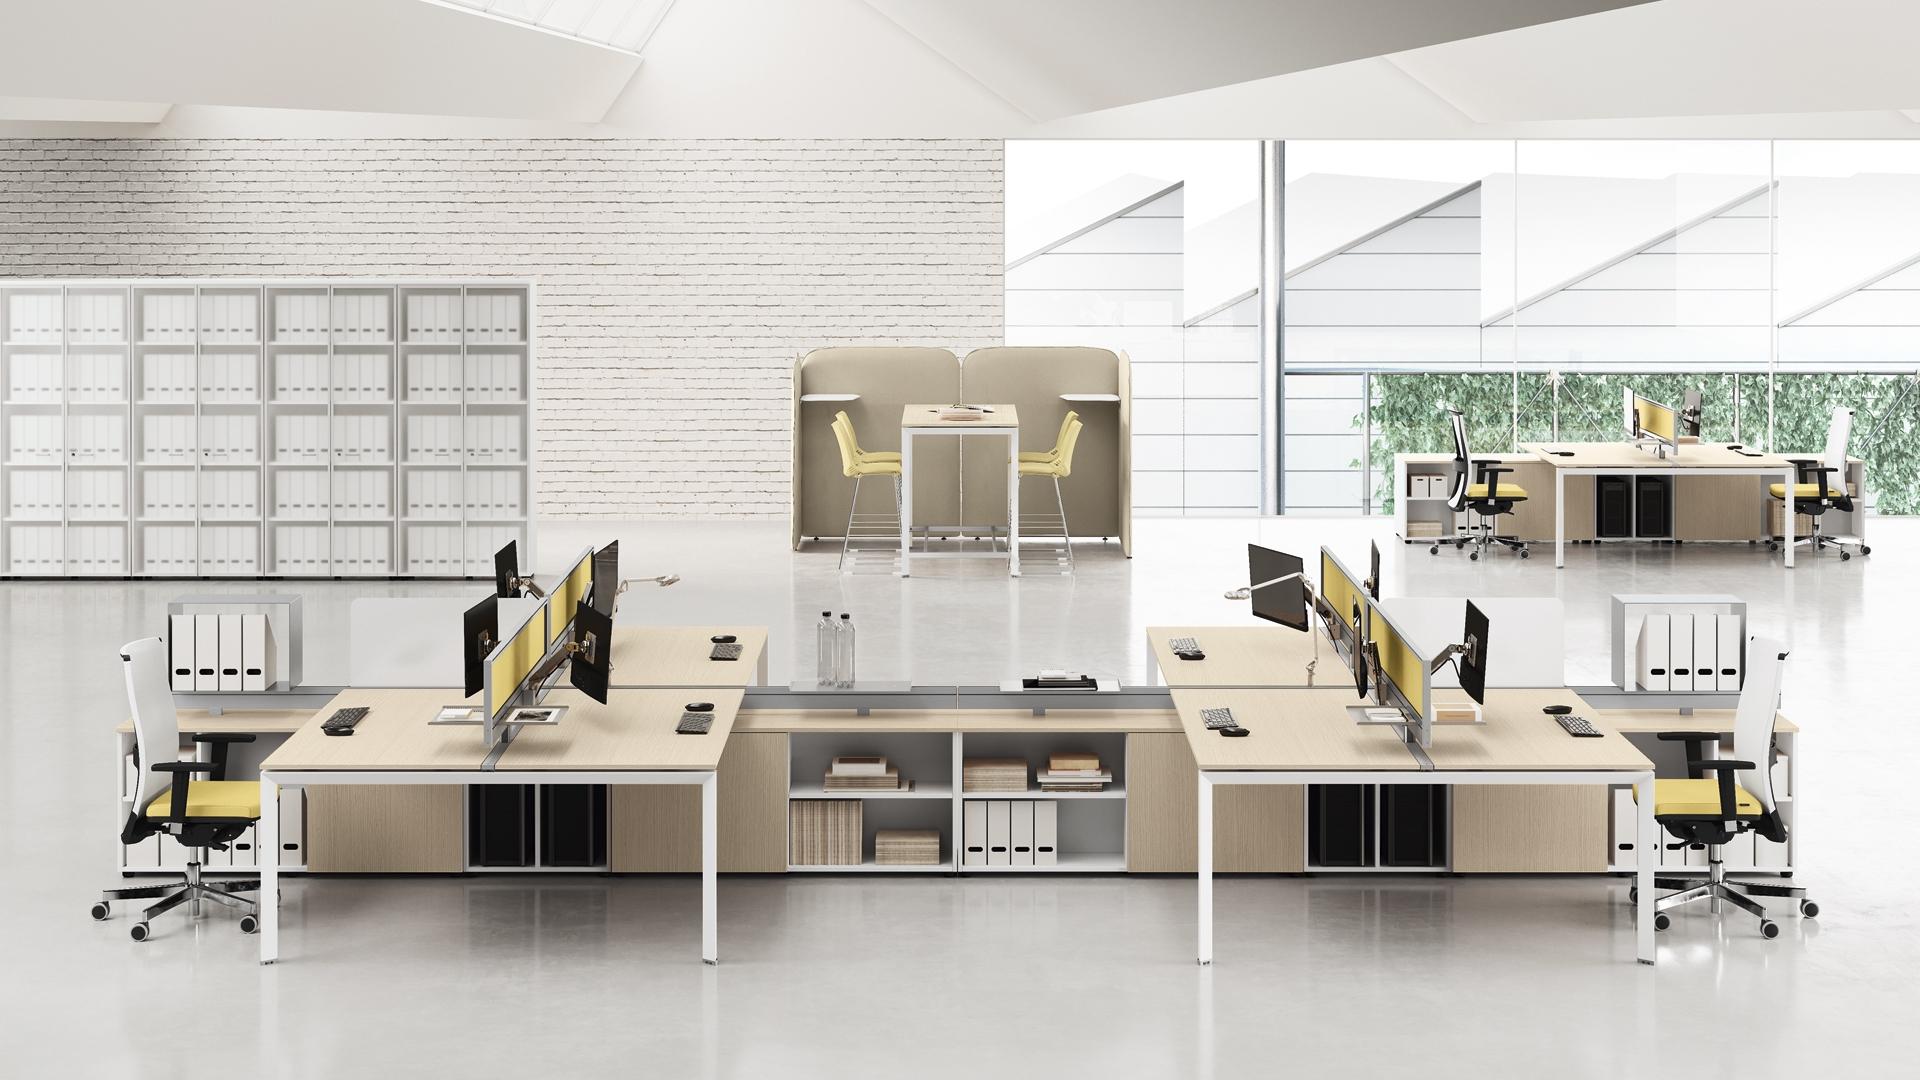 easy pro accueil - Papechal mobilier de bureau